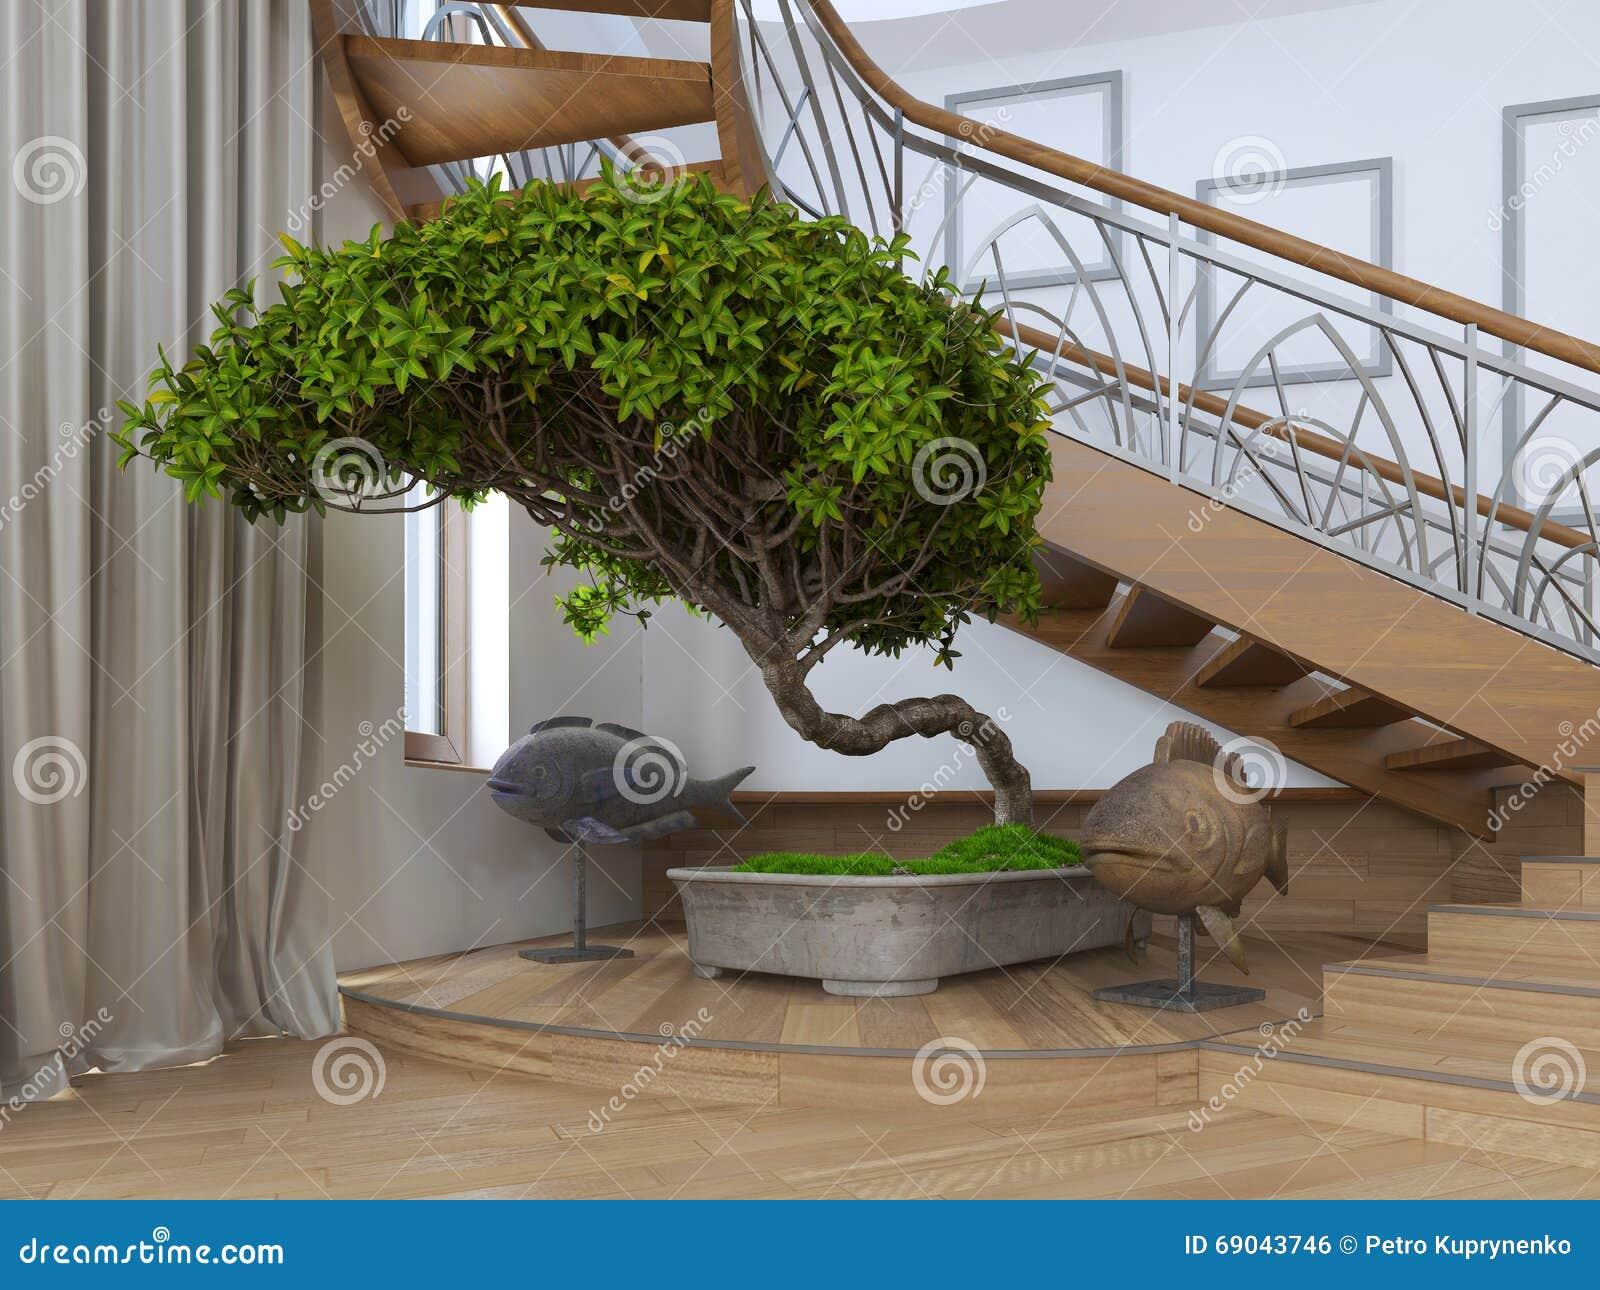 Arbre de bonsa s l 39 int rieur d 39 une maison priv e avec s d coratif photo stock image du - Interieur d une maison ...